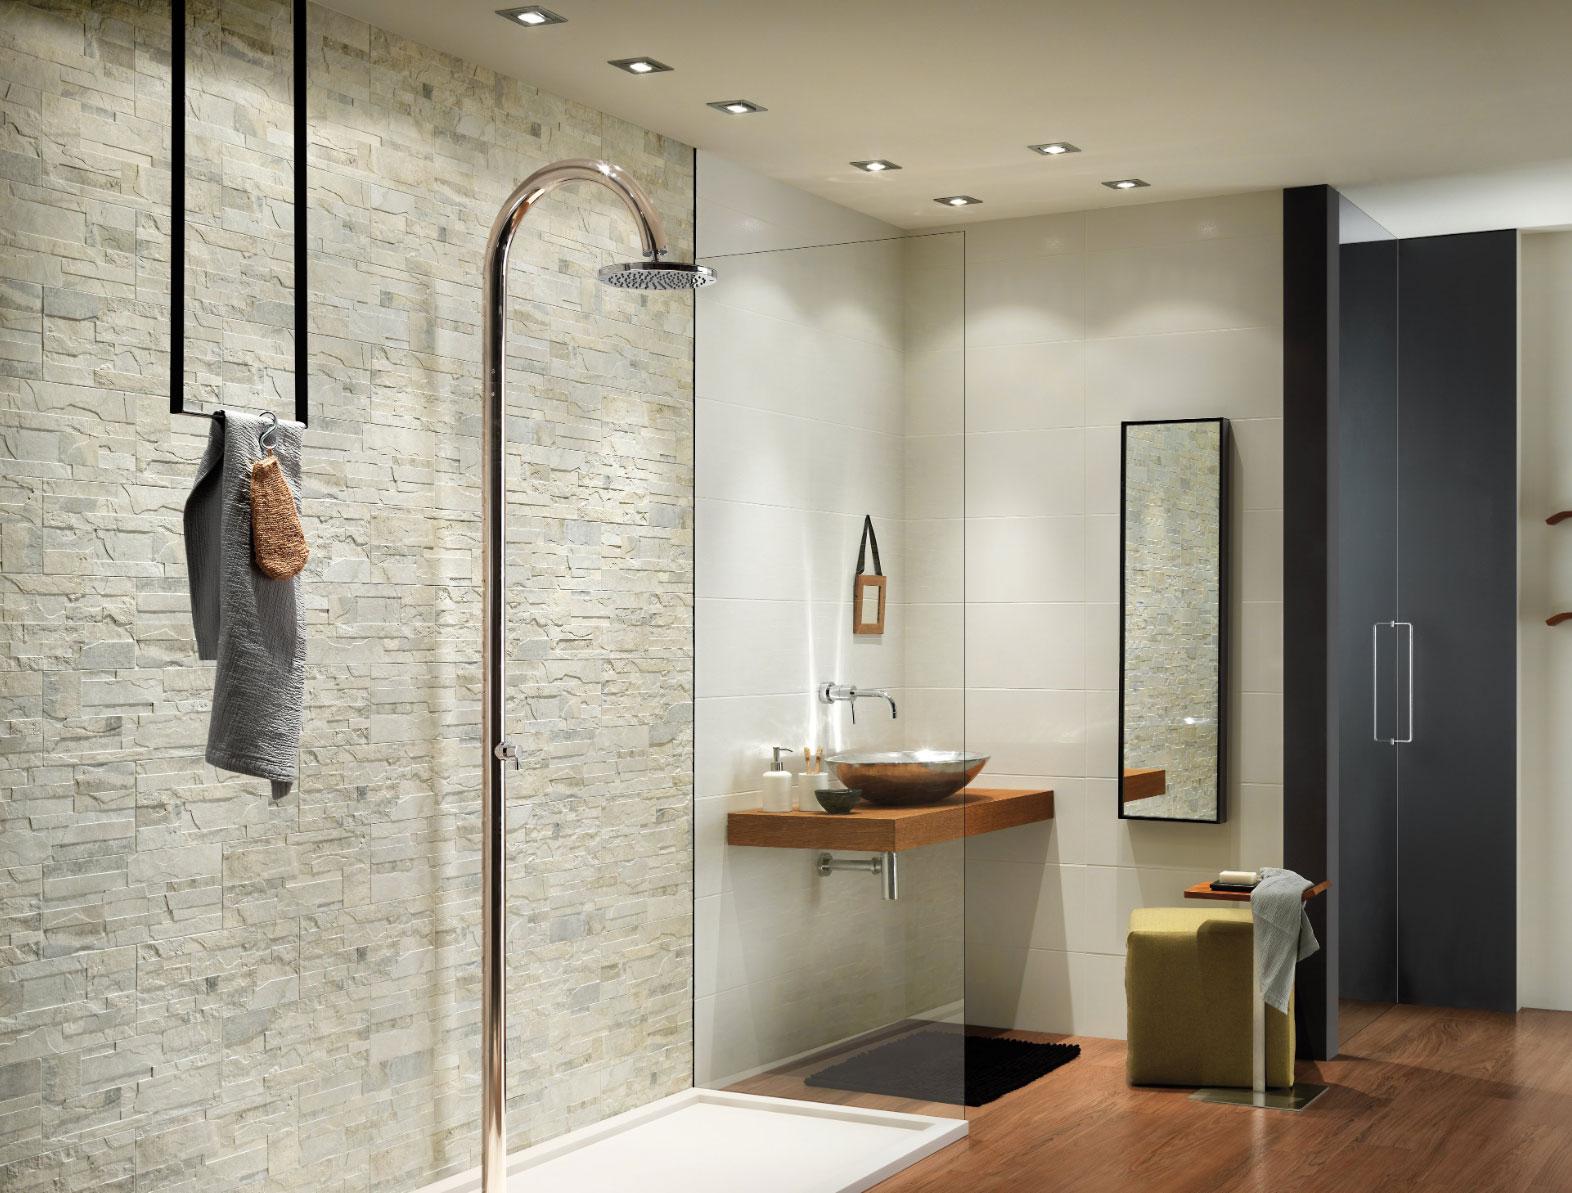 Badkamer Renoveren Douche : Badkamerrenovatie badkamer renoveren mogelijk binnen